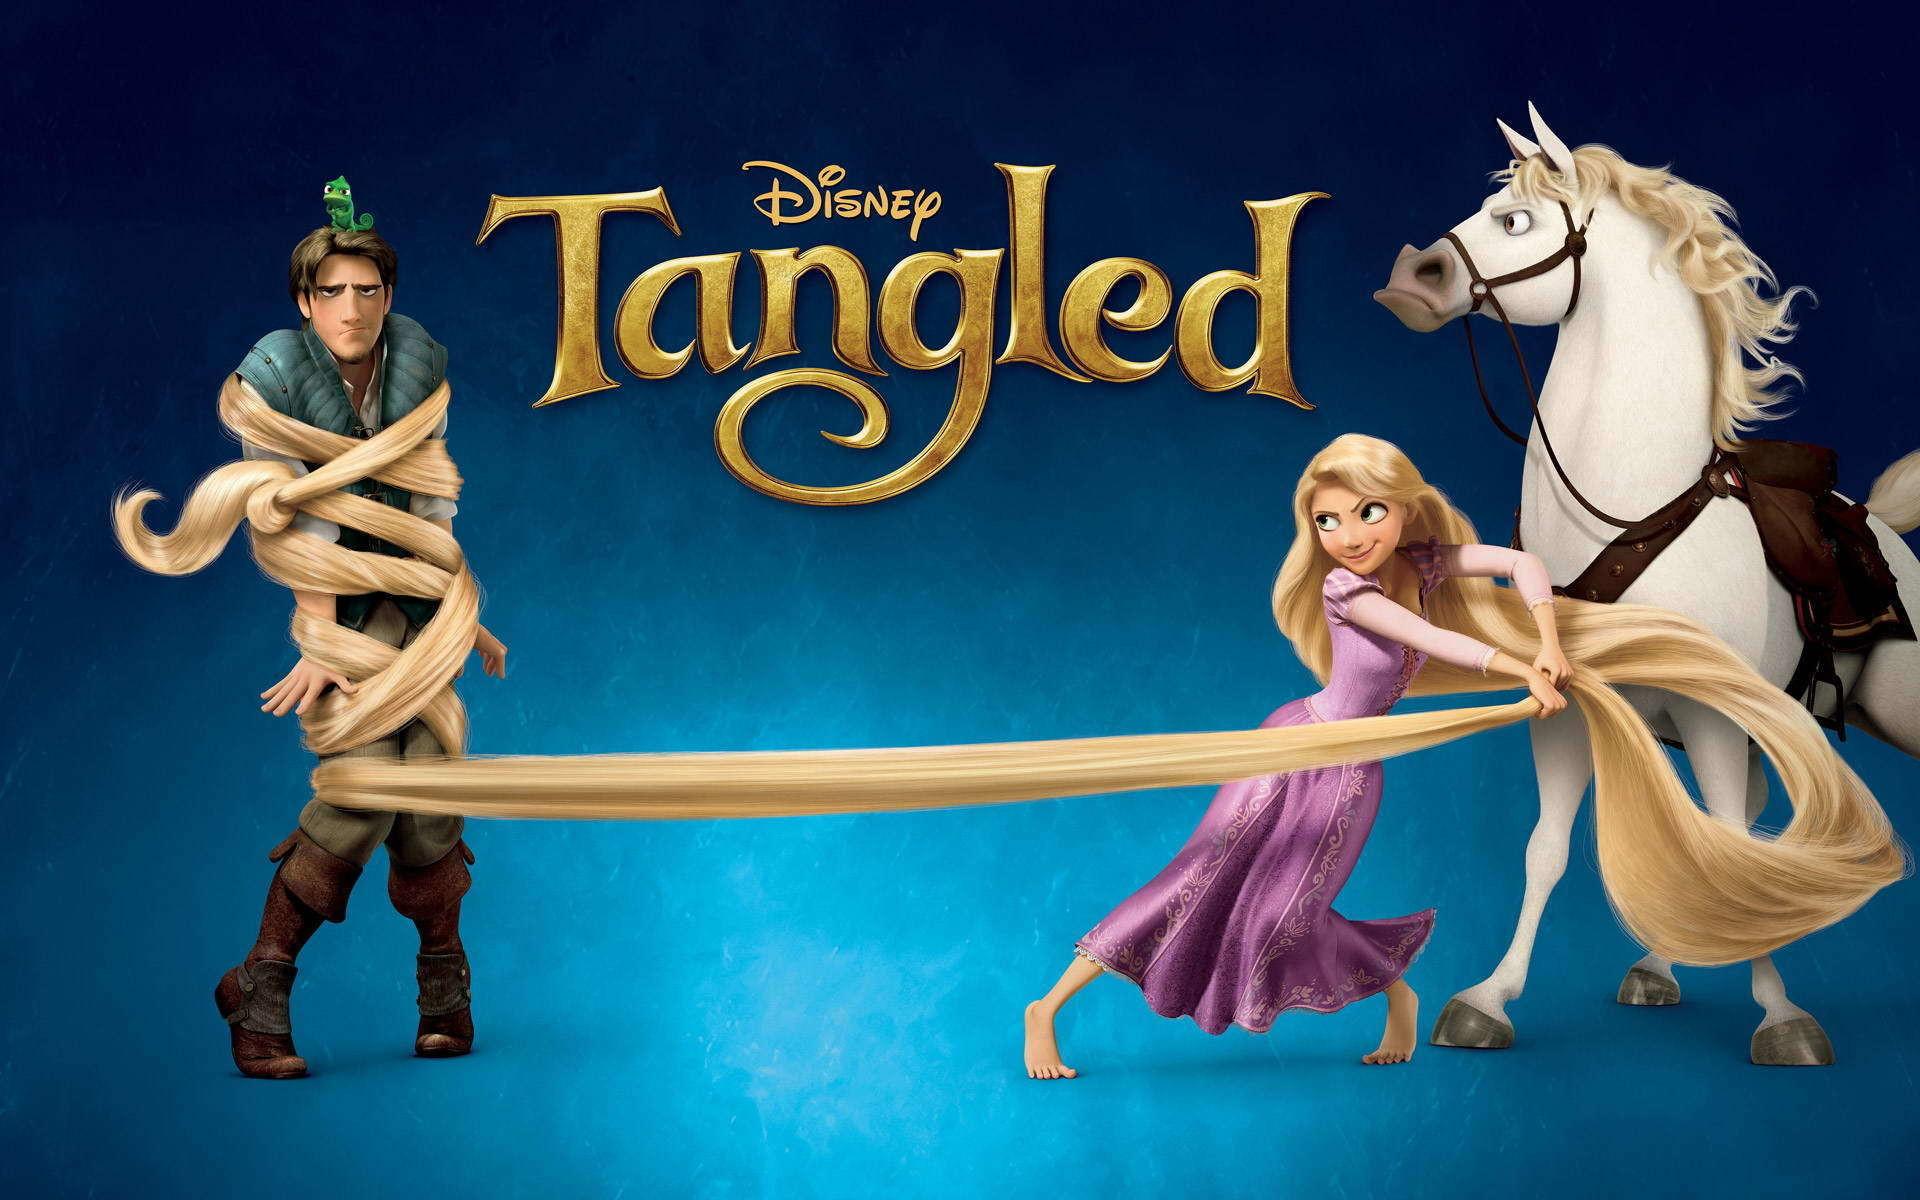 Disney Tangled Desktop Wallpapers | PixelsTalk.Net